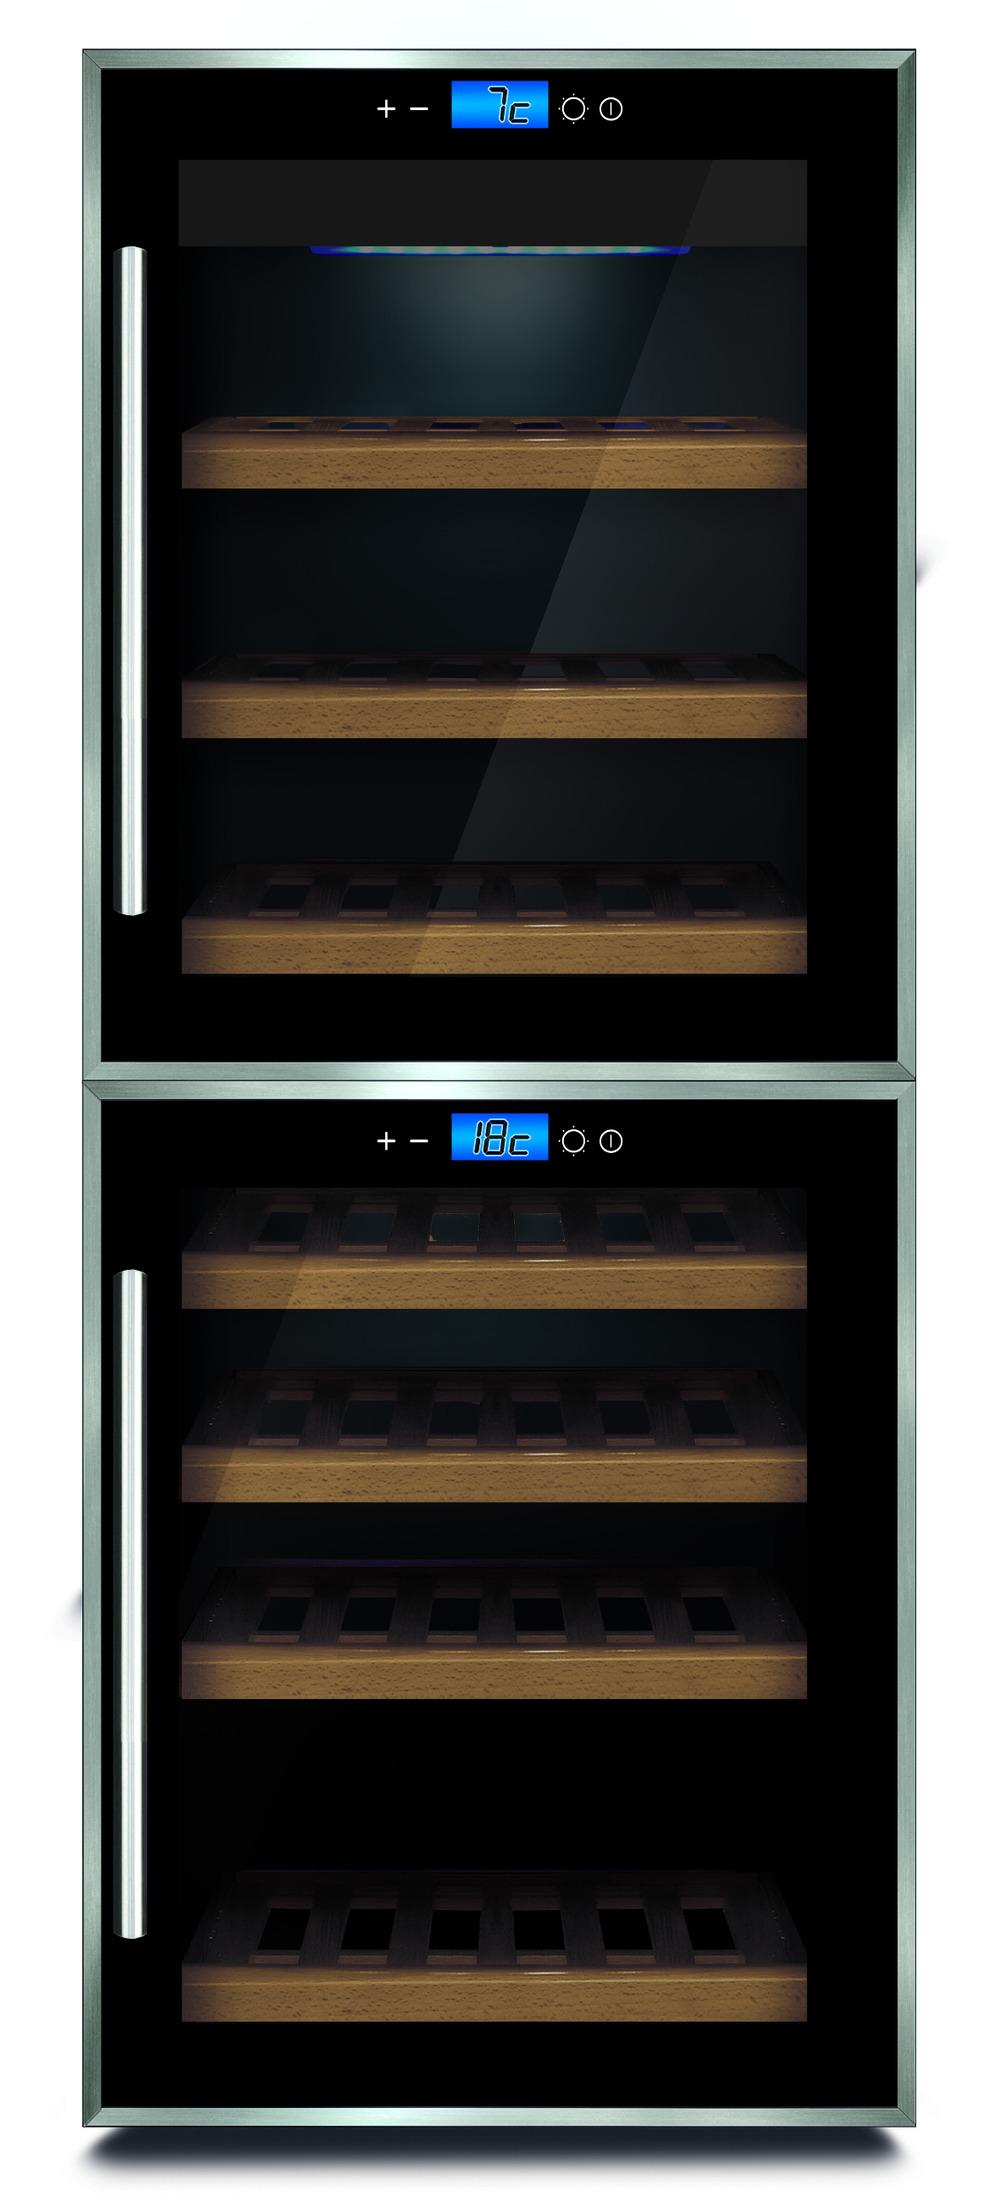 Caso vinkøleskab bedst til prisen